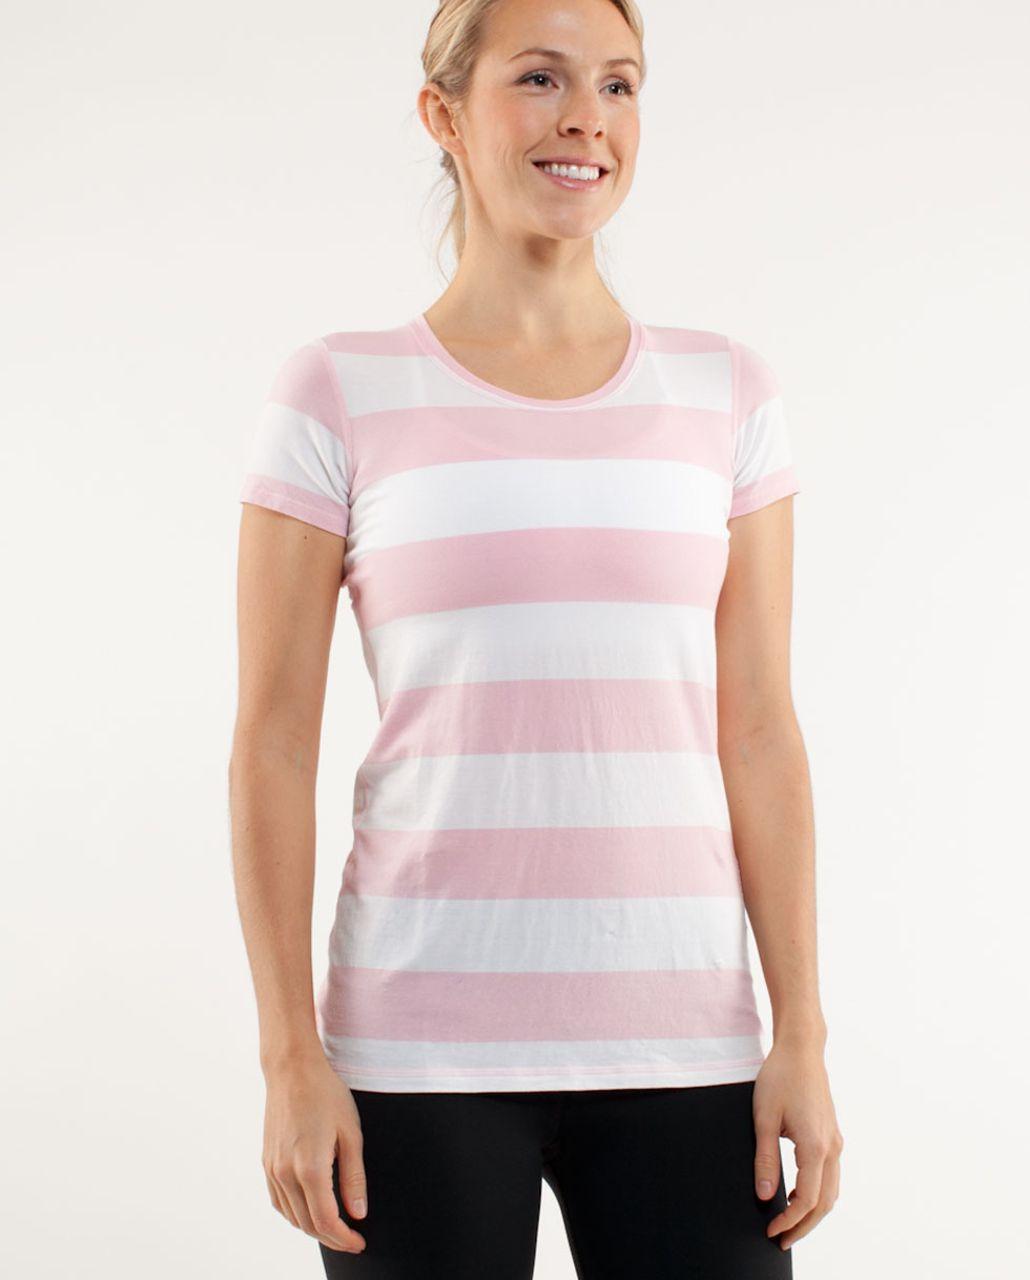 Lululemon Lively Crewneck Tee *Vitasea - Heathered Pig Pink White Wide Bold Multi Stripe